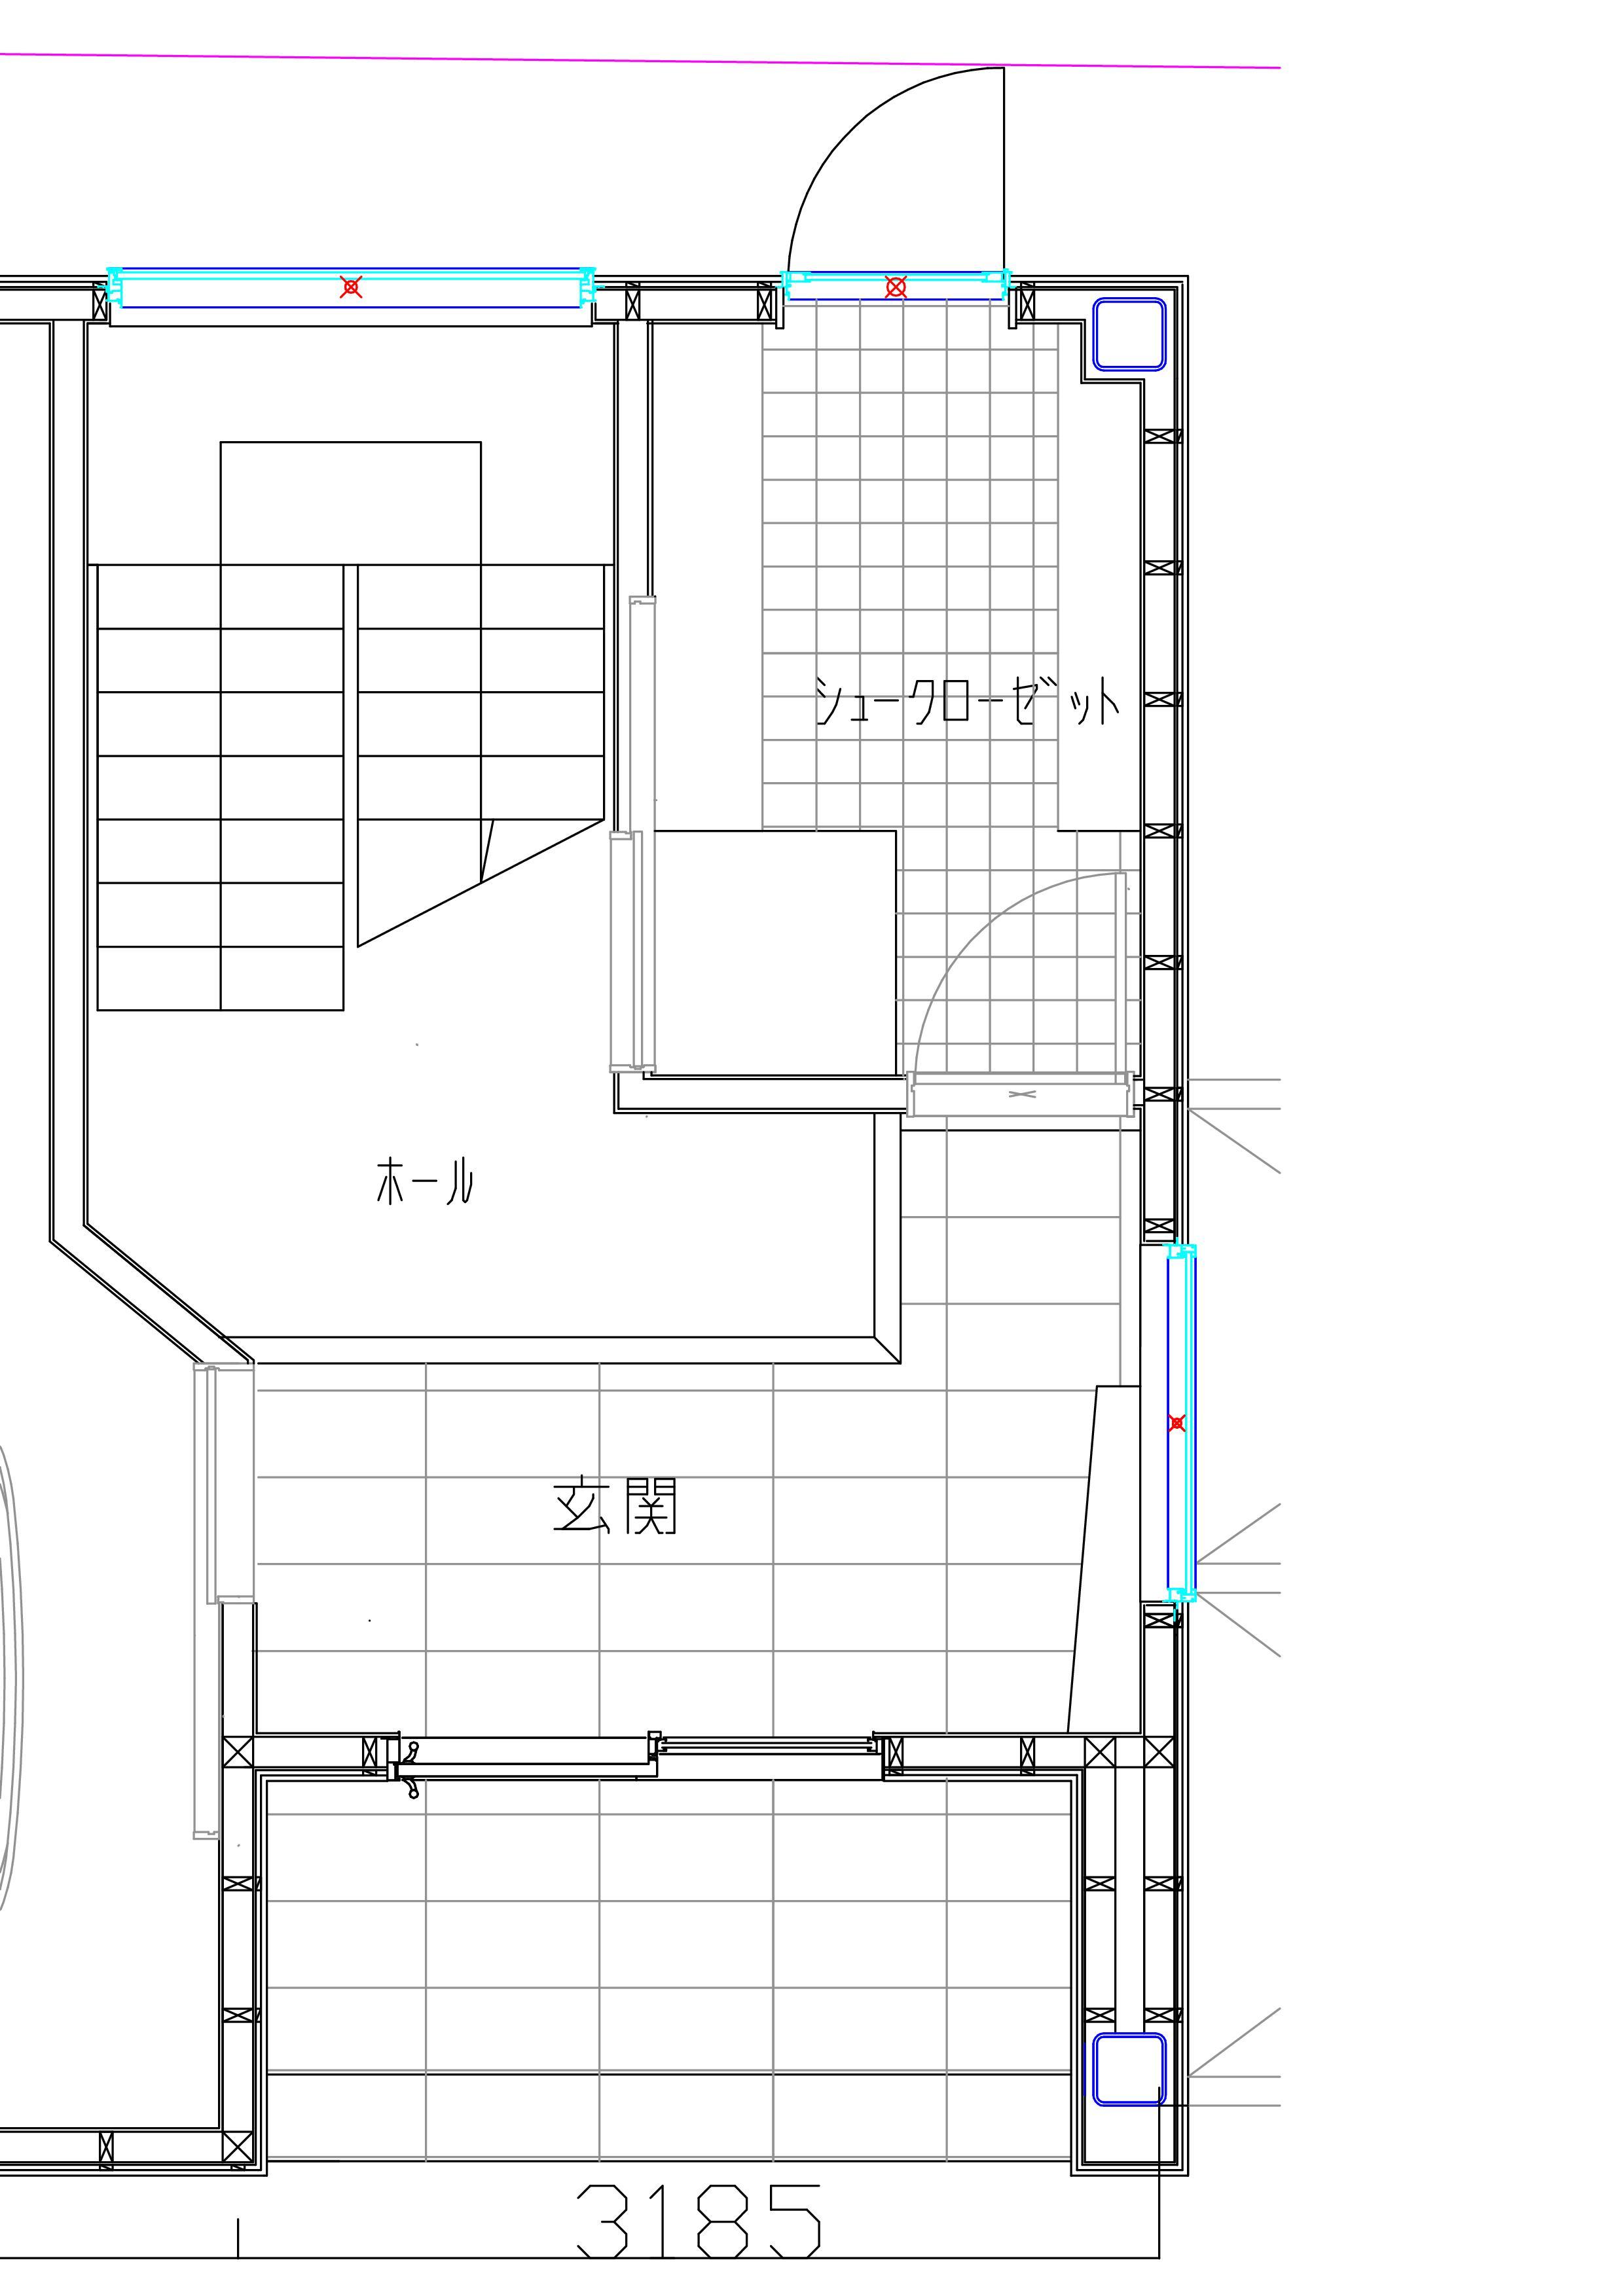 シュ-ズ クロ-ゼット (ケ-ス1) _e0214805_912699.jpg